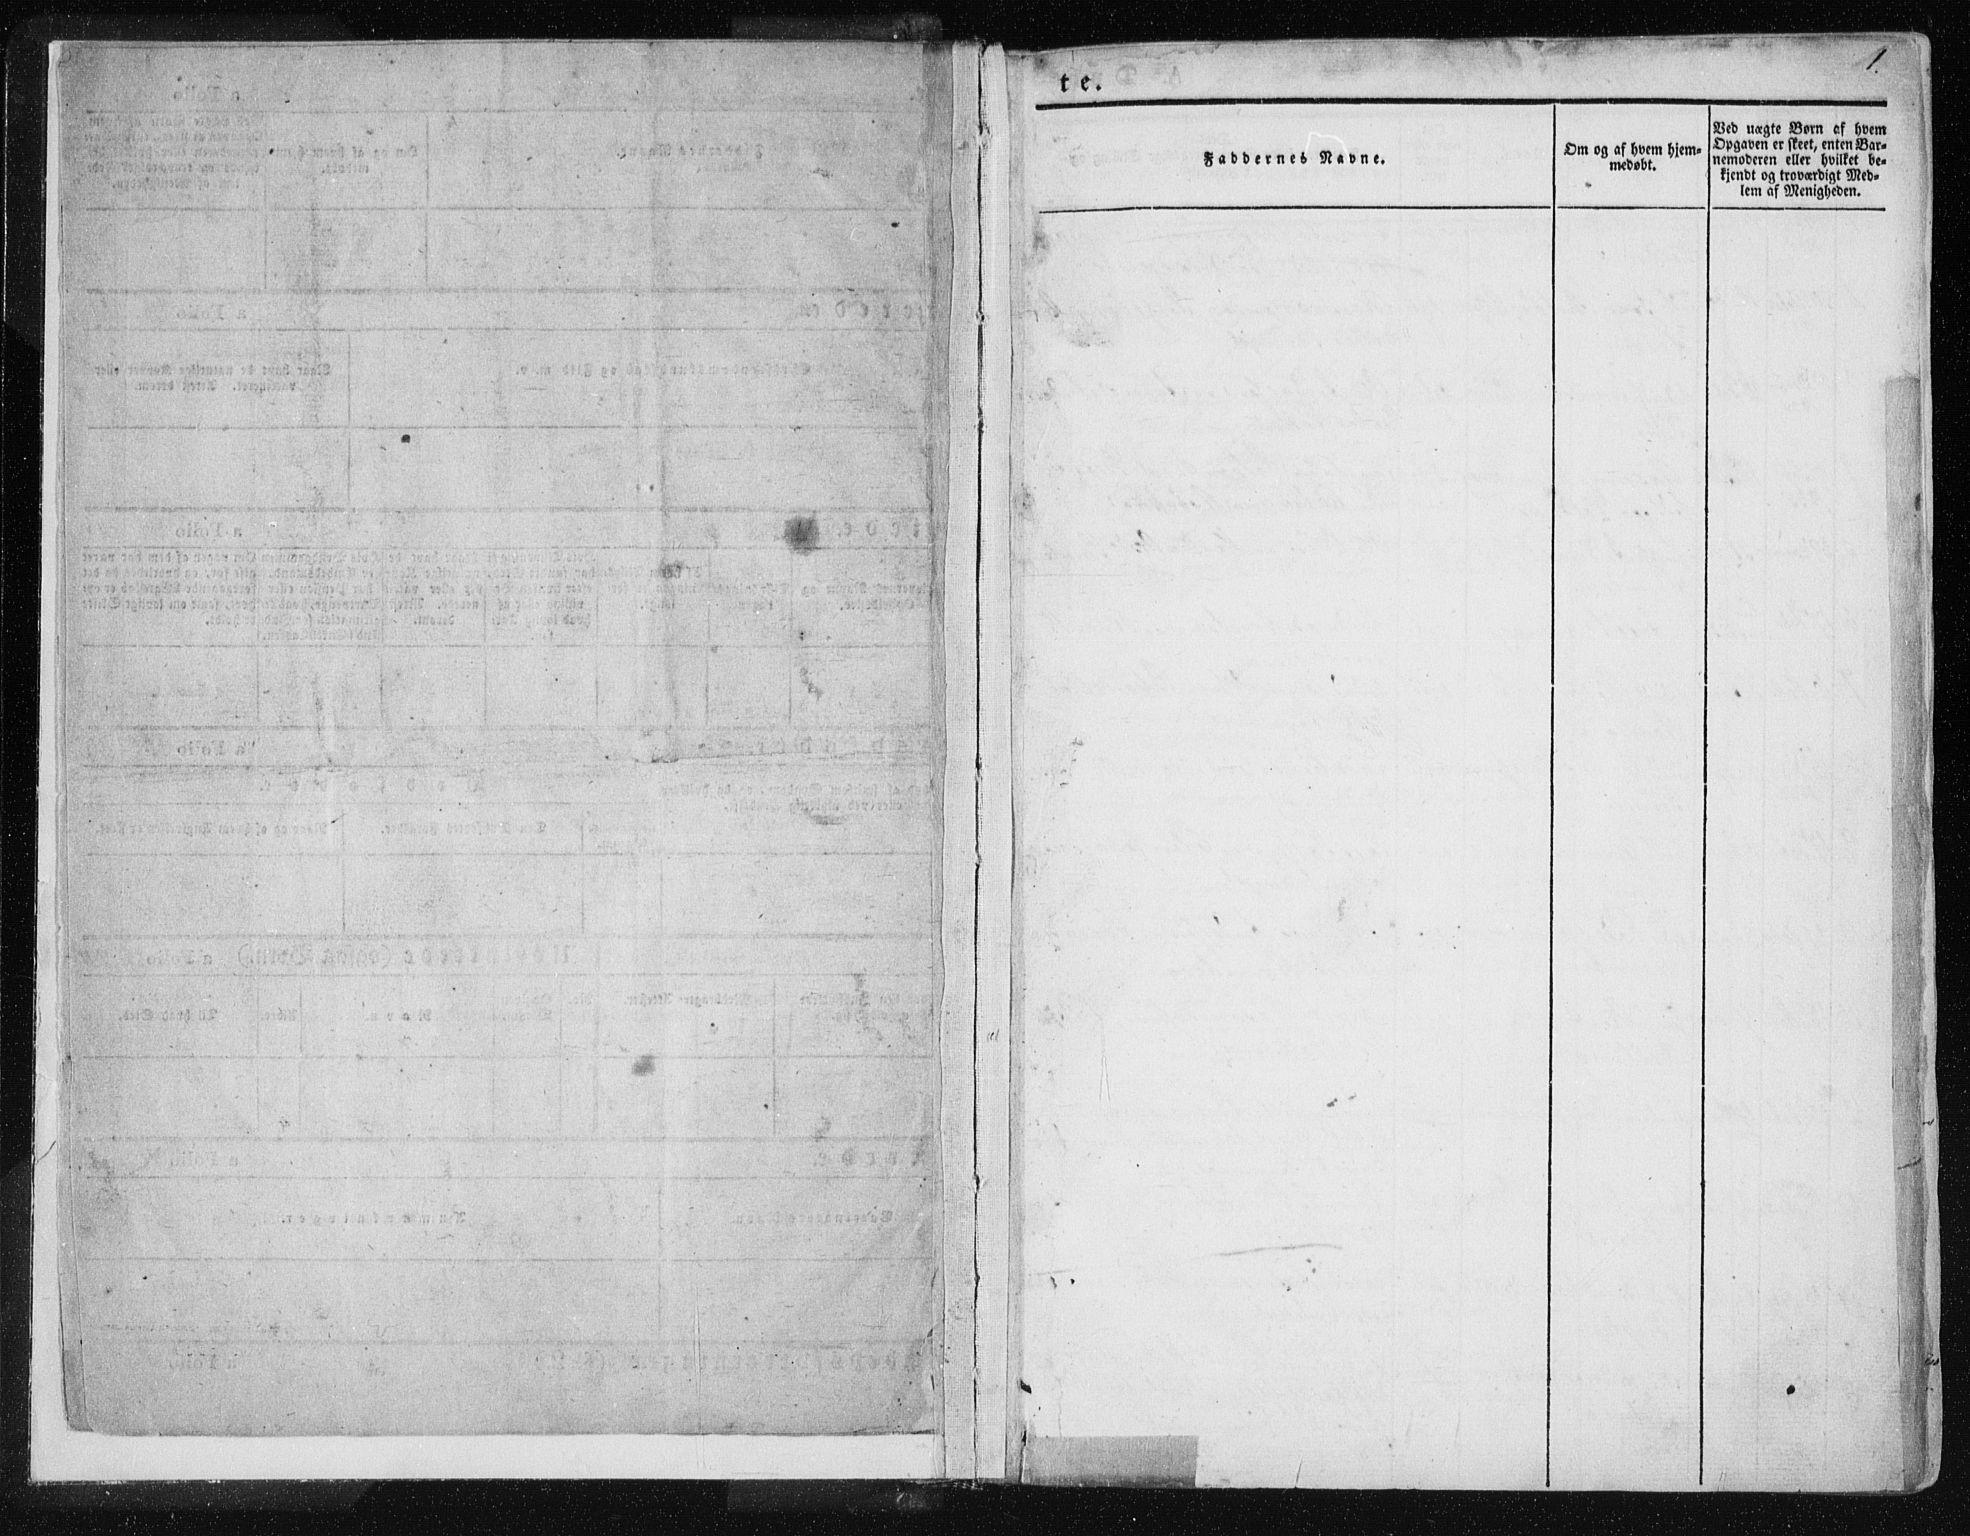 SAT, Ministerialprotokoller, klokkerbøker og fødselsregistre - Nord-Trøndelag, 735/L0339: Ministerialbok nr. 735A06 /1, 1836-1848, s. 1